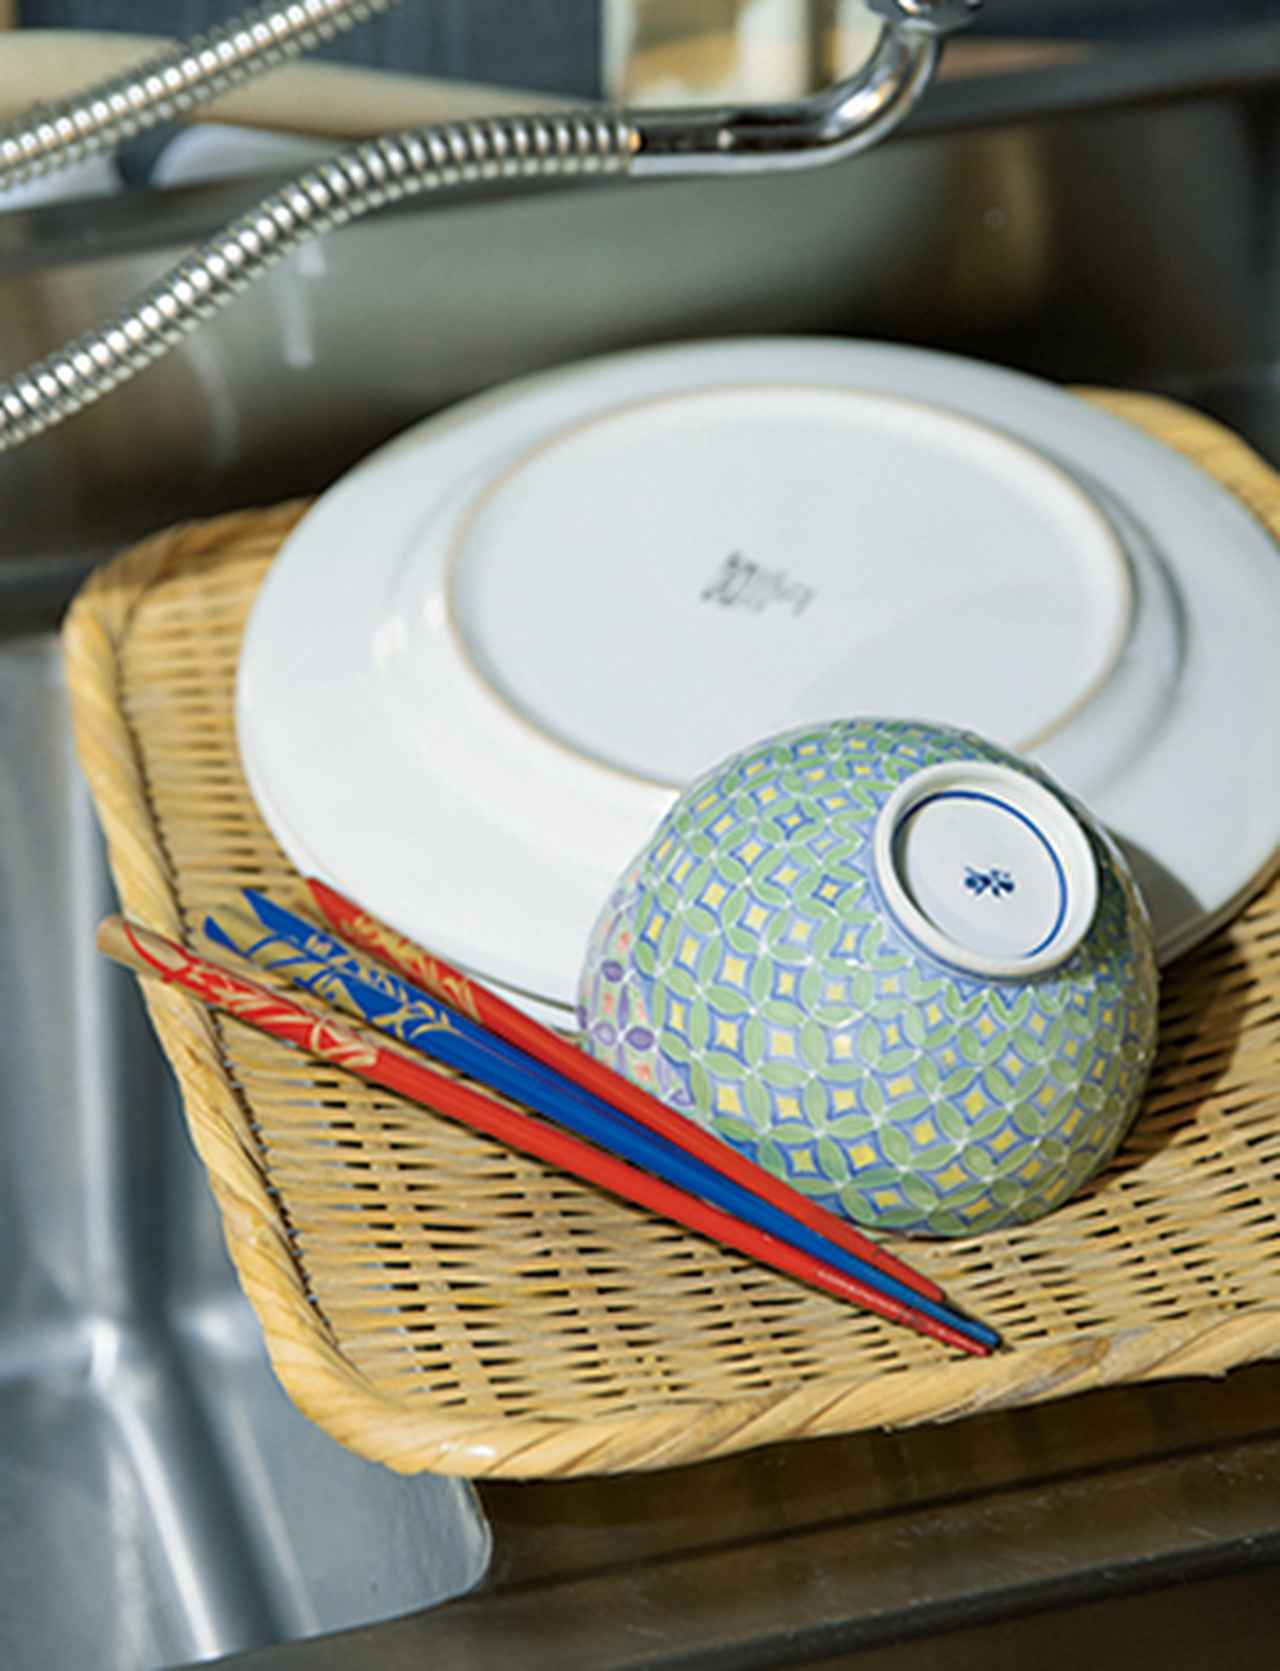 画像: 洗ったら早めにふくため、水切りかごは使わない。ざるで代用